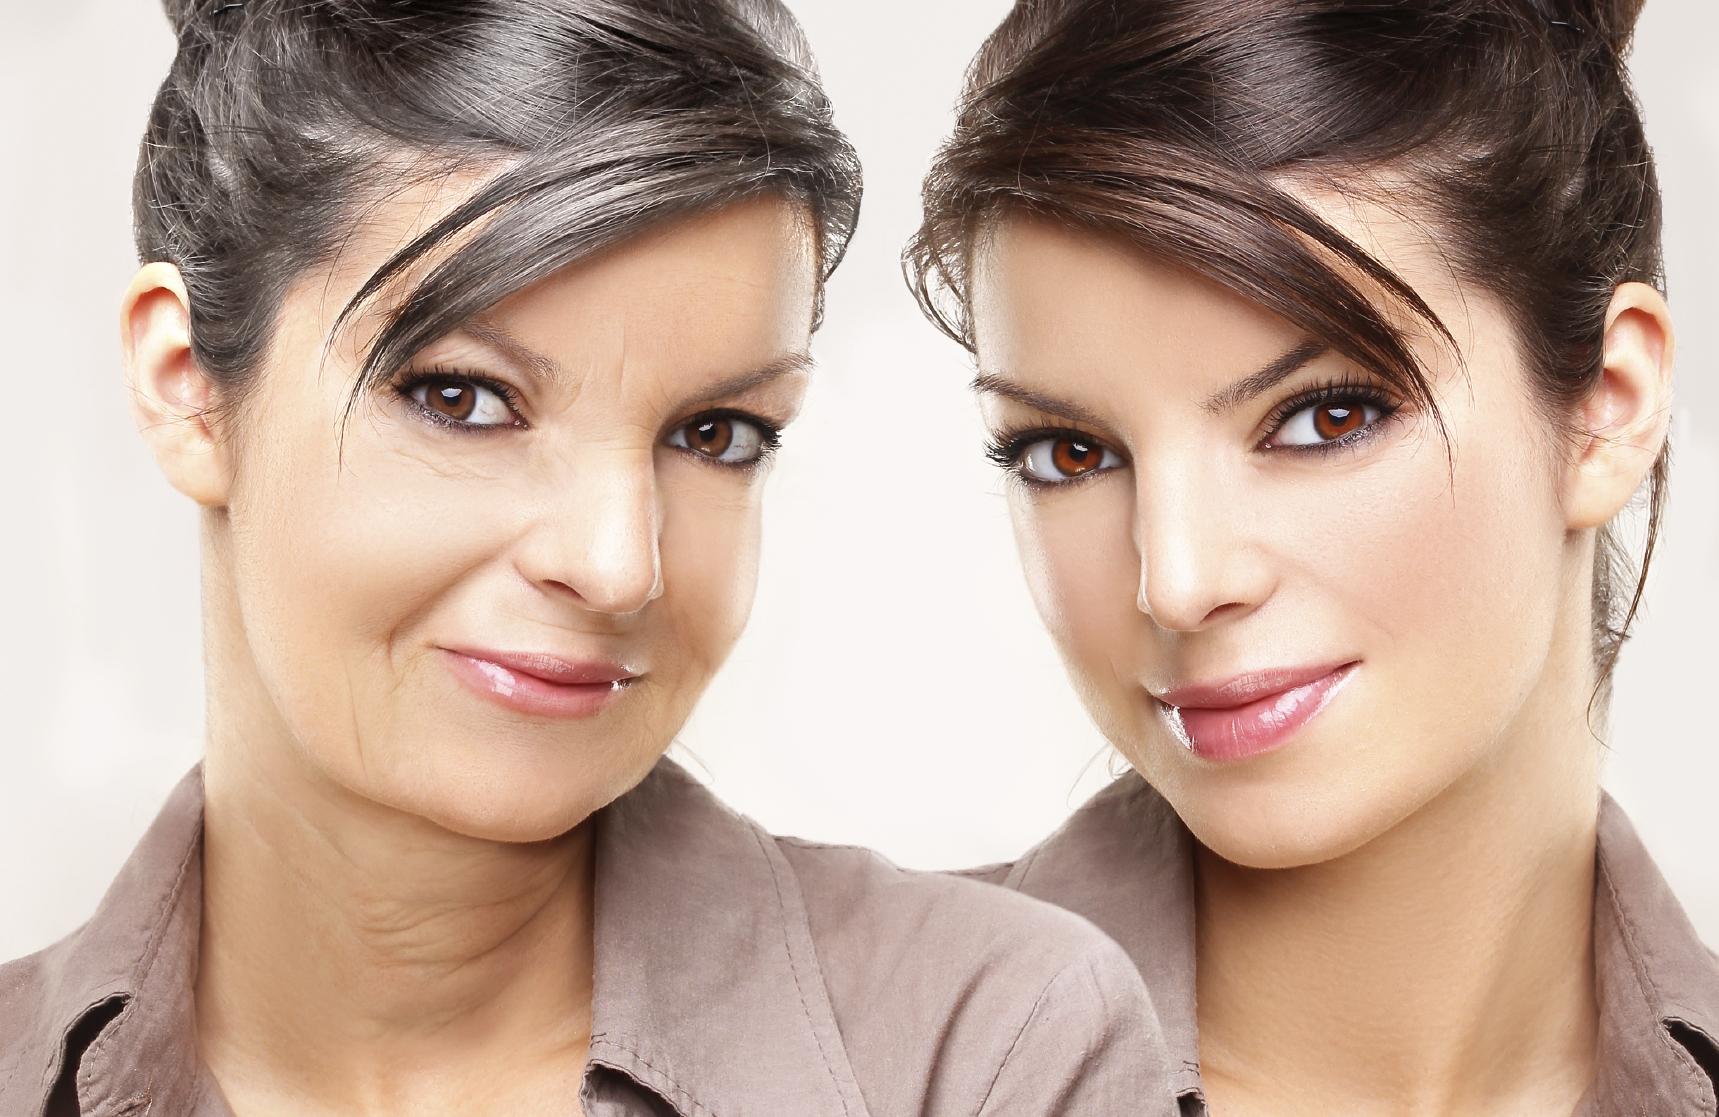 Bien-aimé Chirurgie esthétique : comment rajeunir son visage | Santé Magazine HB55